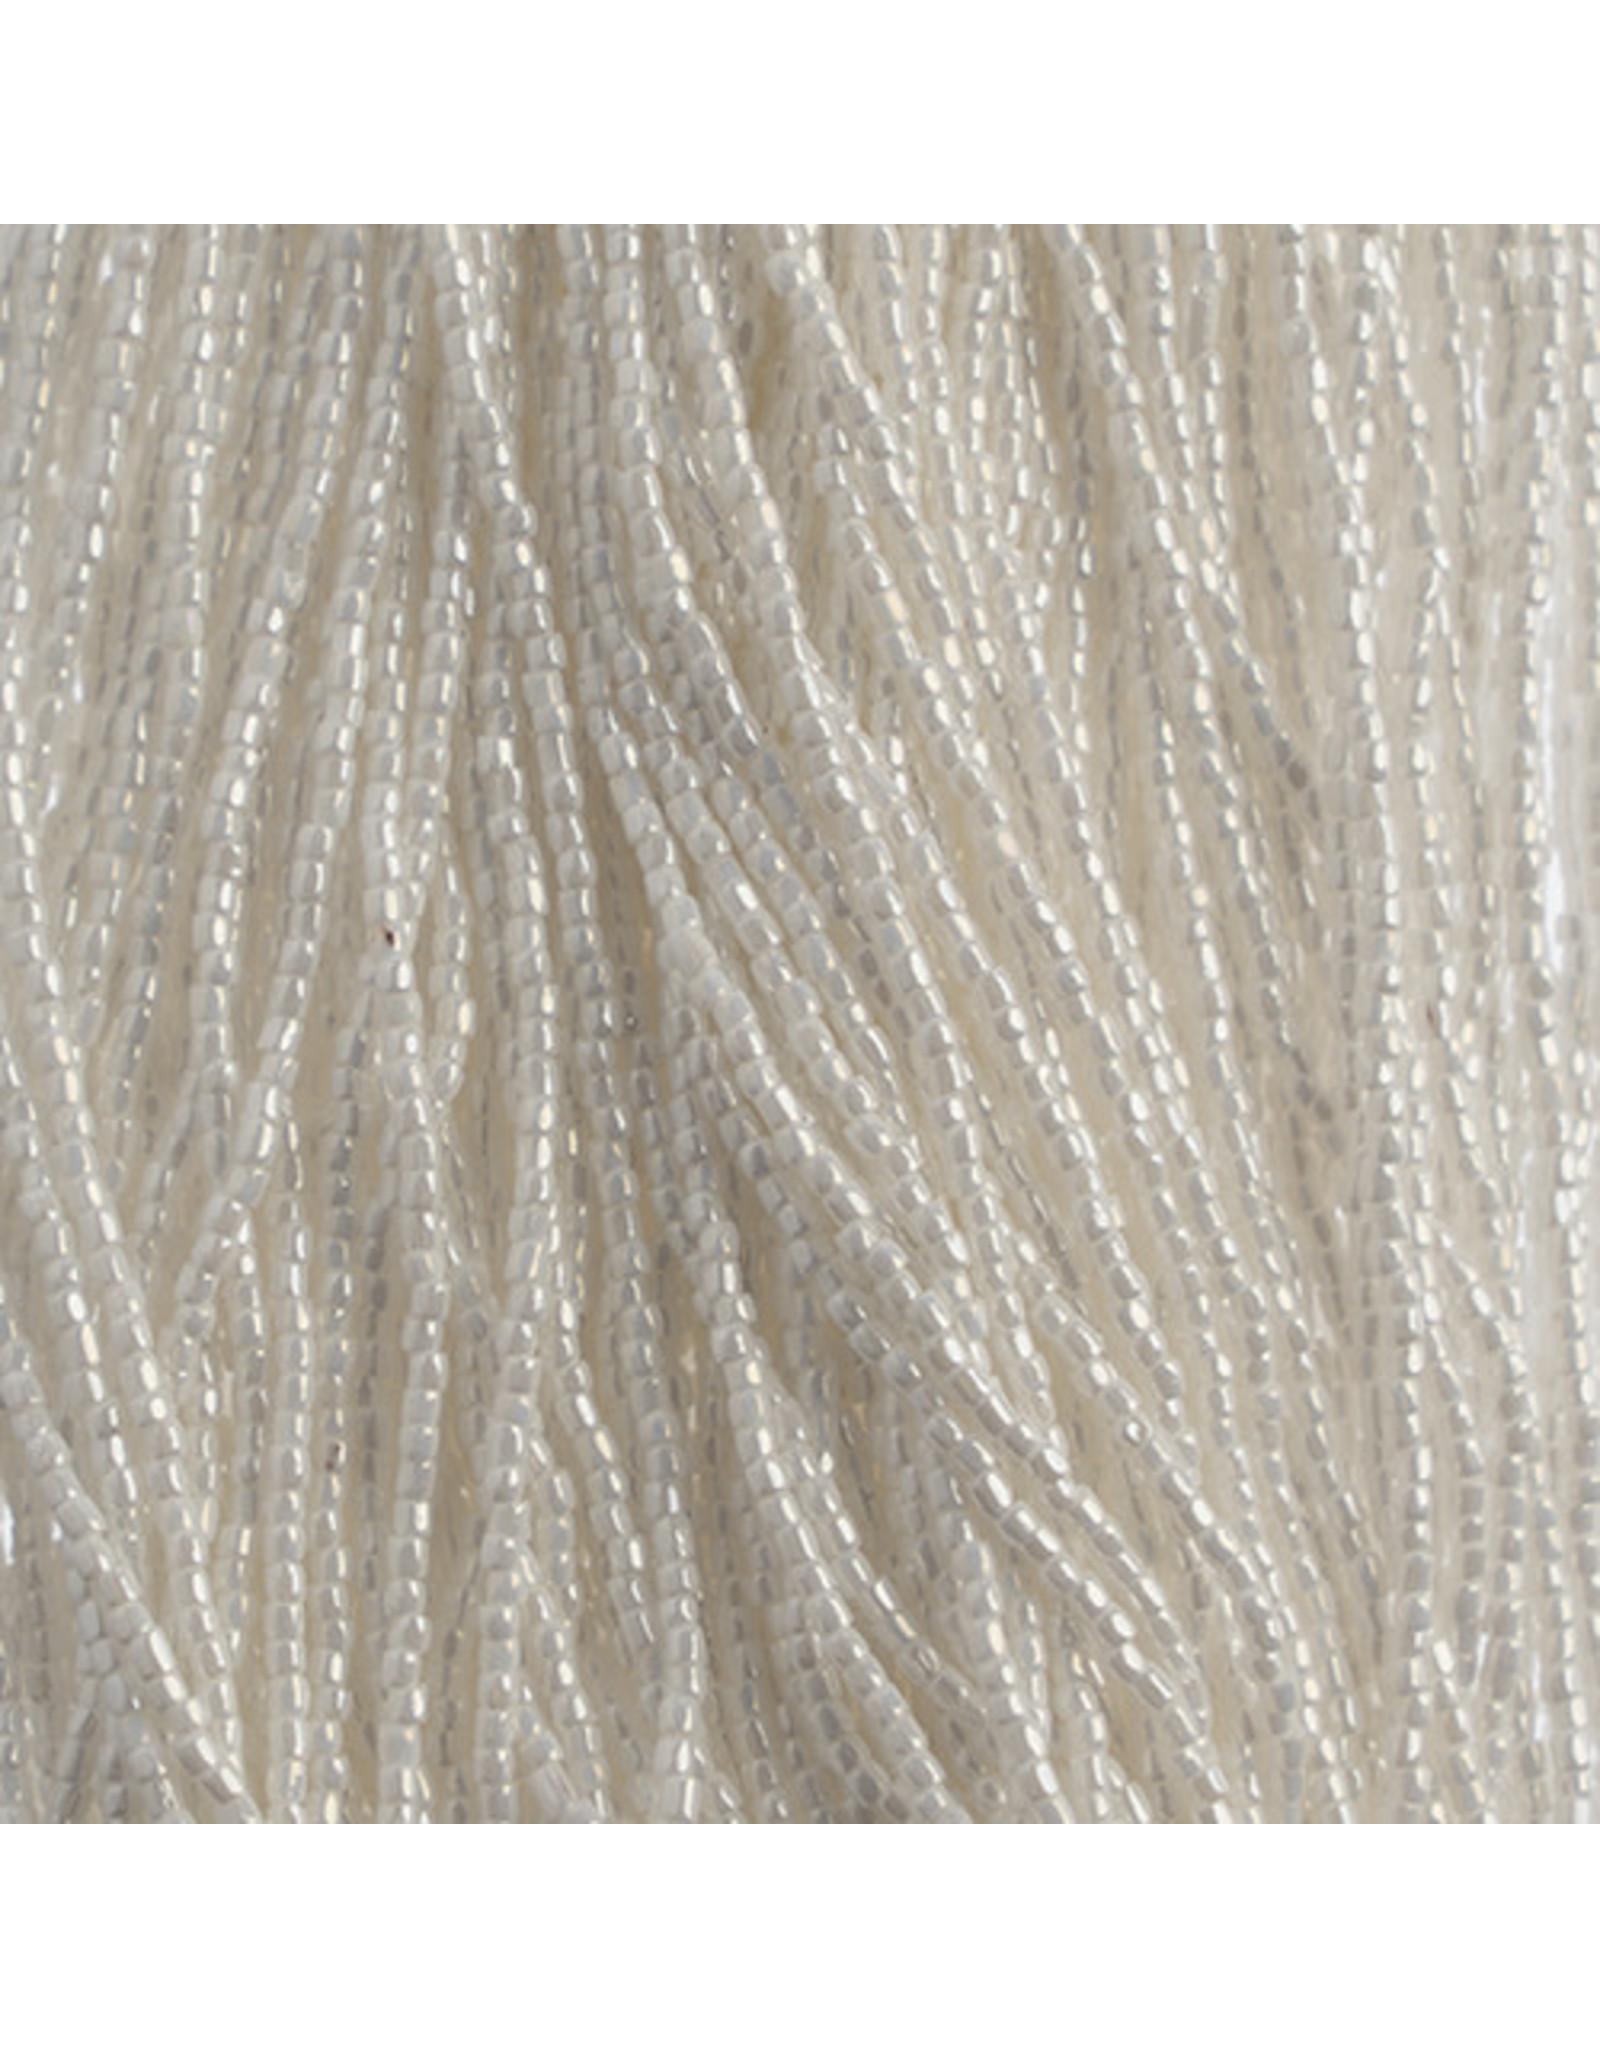 Czech 1849 10/0 3 Cut   Seed Hank 25g Opaque White Lustre